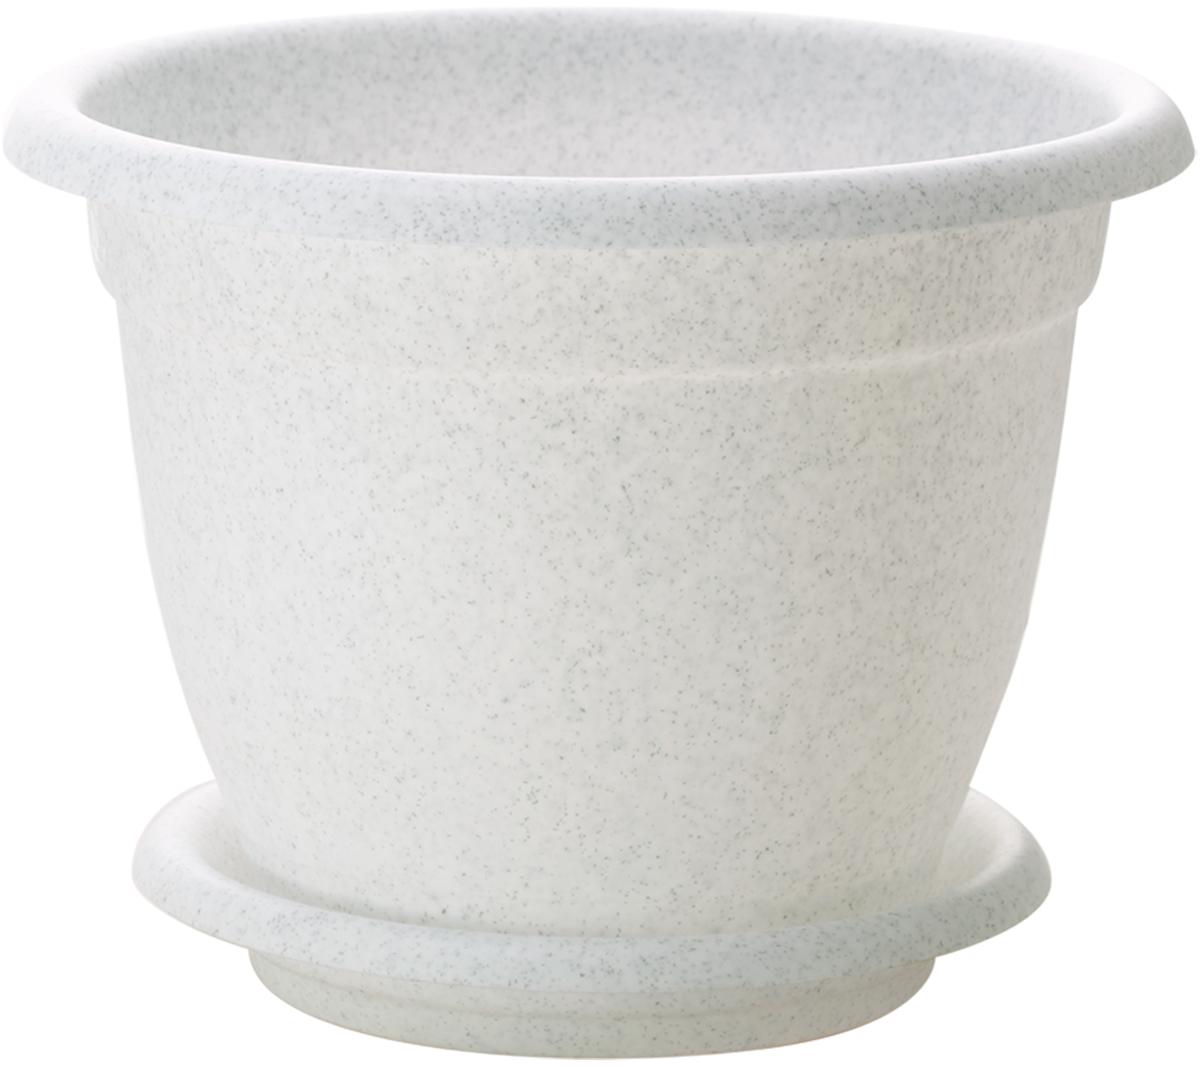 Горшок для цветов InGreen Борнео, с поддоном, цвет: мраморный, диаметр 19 смING42019FМРГоршок InGreen Борнео выполнен из высококачественного полипропилена (пластика) и предназначен для выращивания цветов, растений и трав. Снабжен поддоном для стока воды. Такой горшок порадует вас функциональностью, а благодаря лаконичному дизайну впишется в любой интерьер помещения. Диаметр горшка (по верхнему краю): 19 см. Высота горшка: 15,5 см. Диаметр поддона: 15 см.